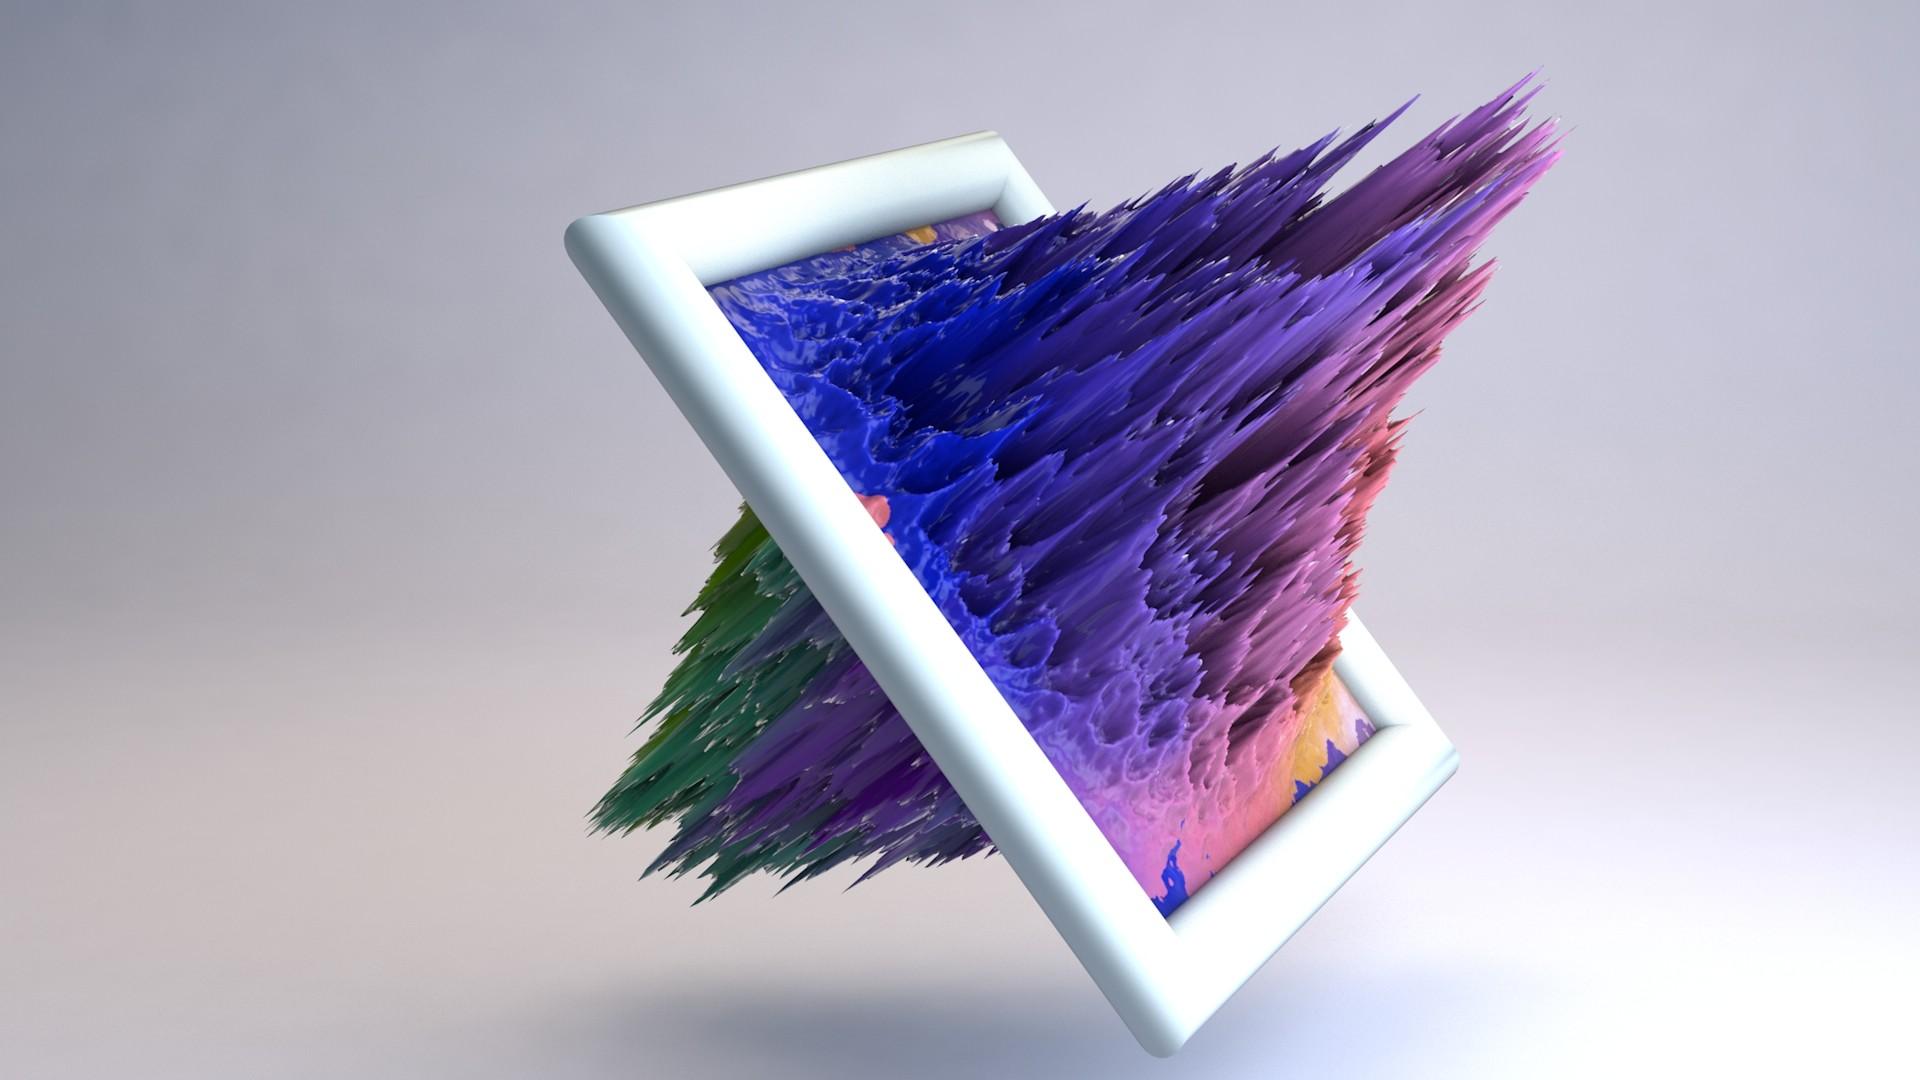 ArtStation - Abstract Art C4D, Sourav Singh Rawat